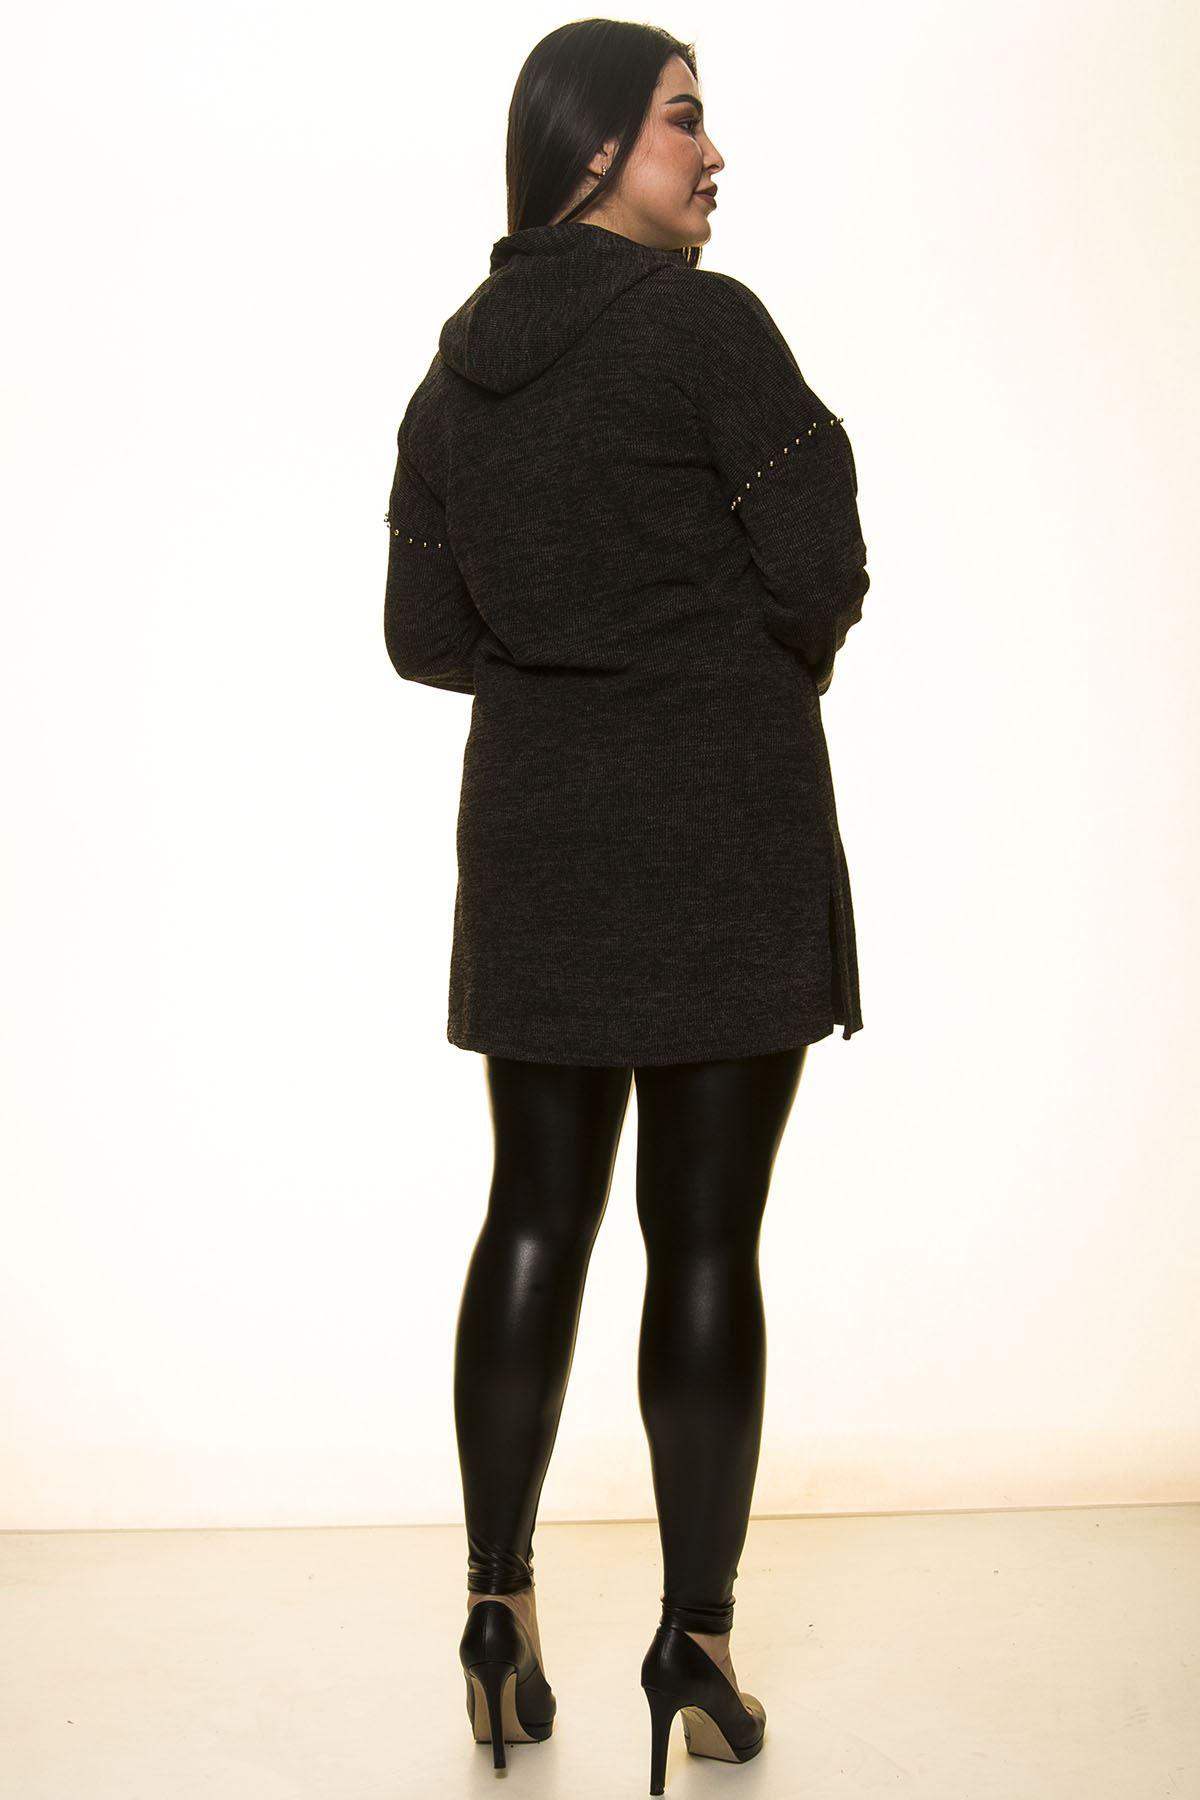 Füme Kapüşonlu Bluz 2A-1457